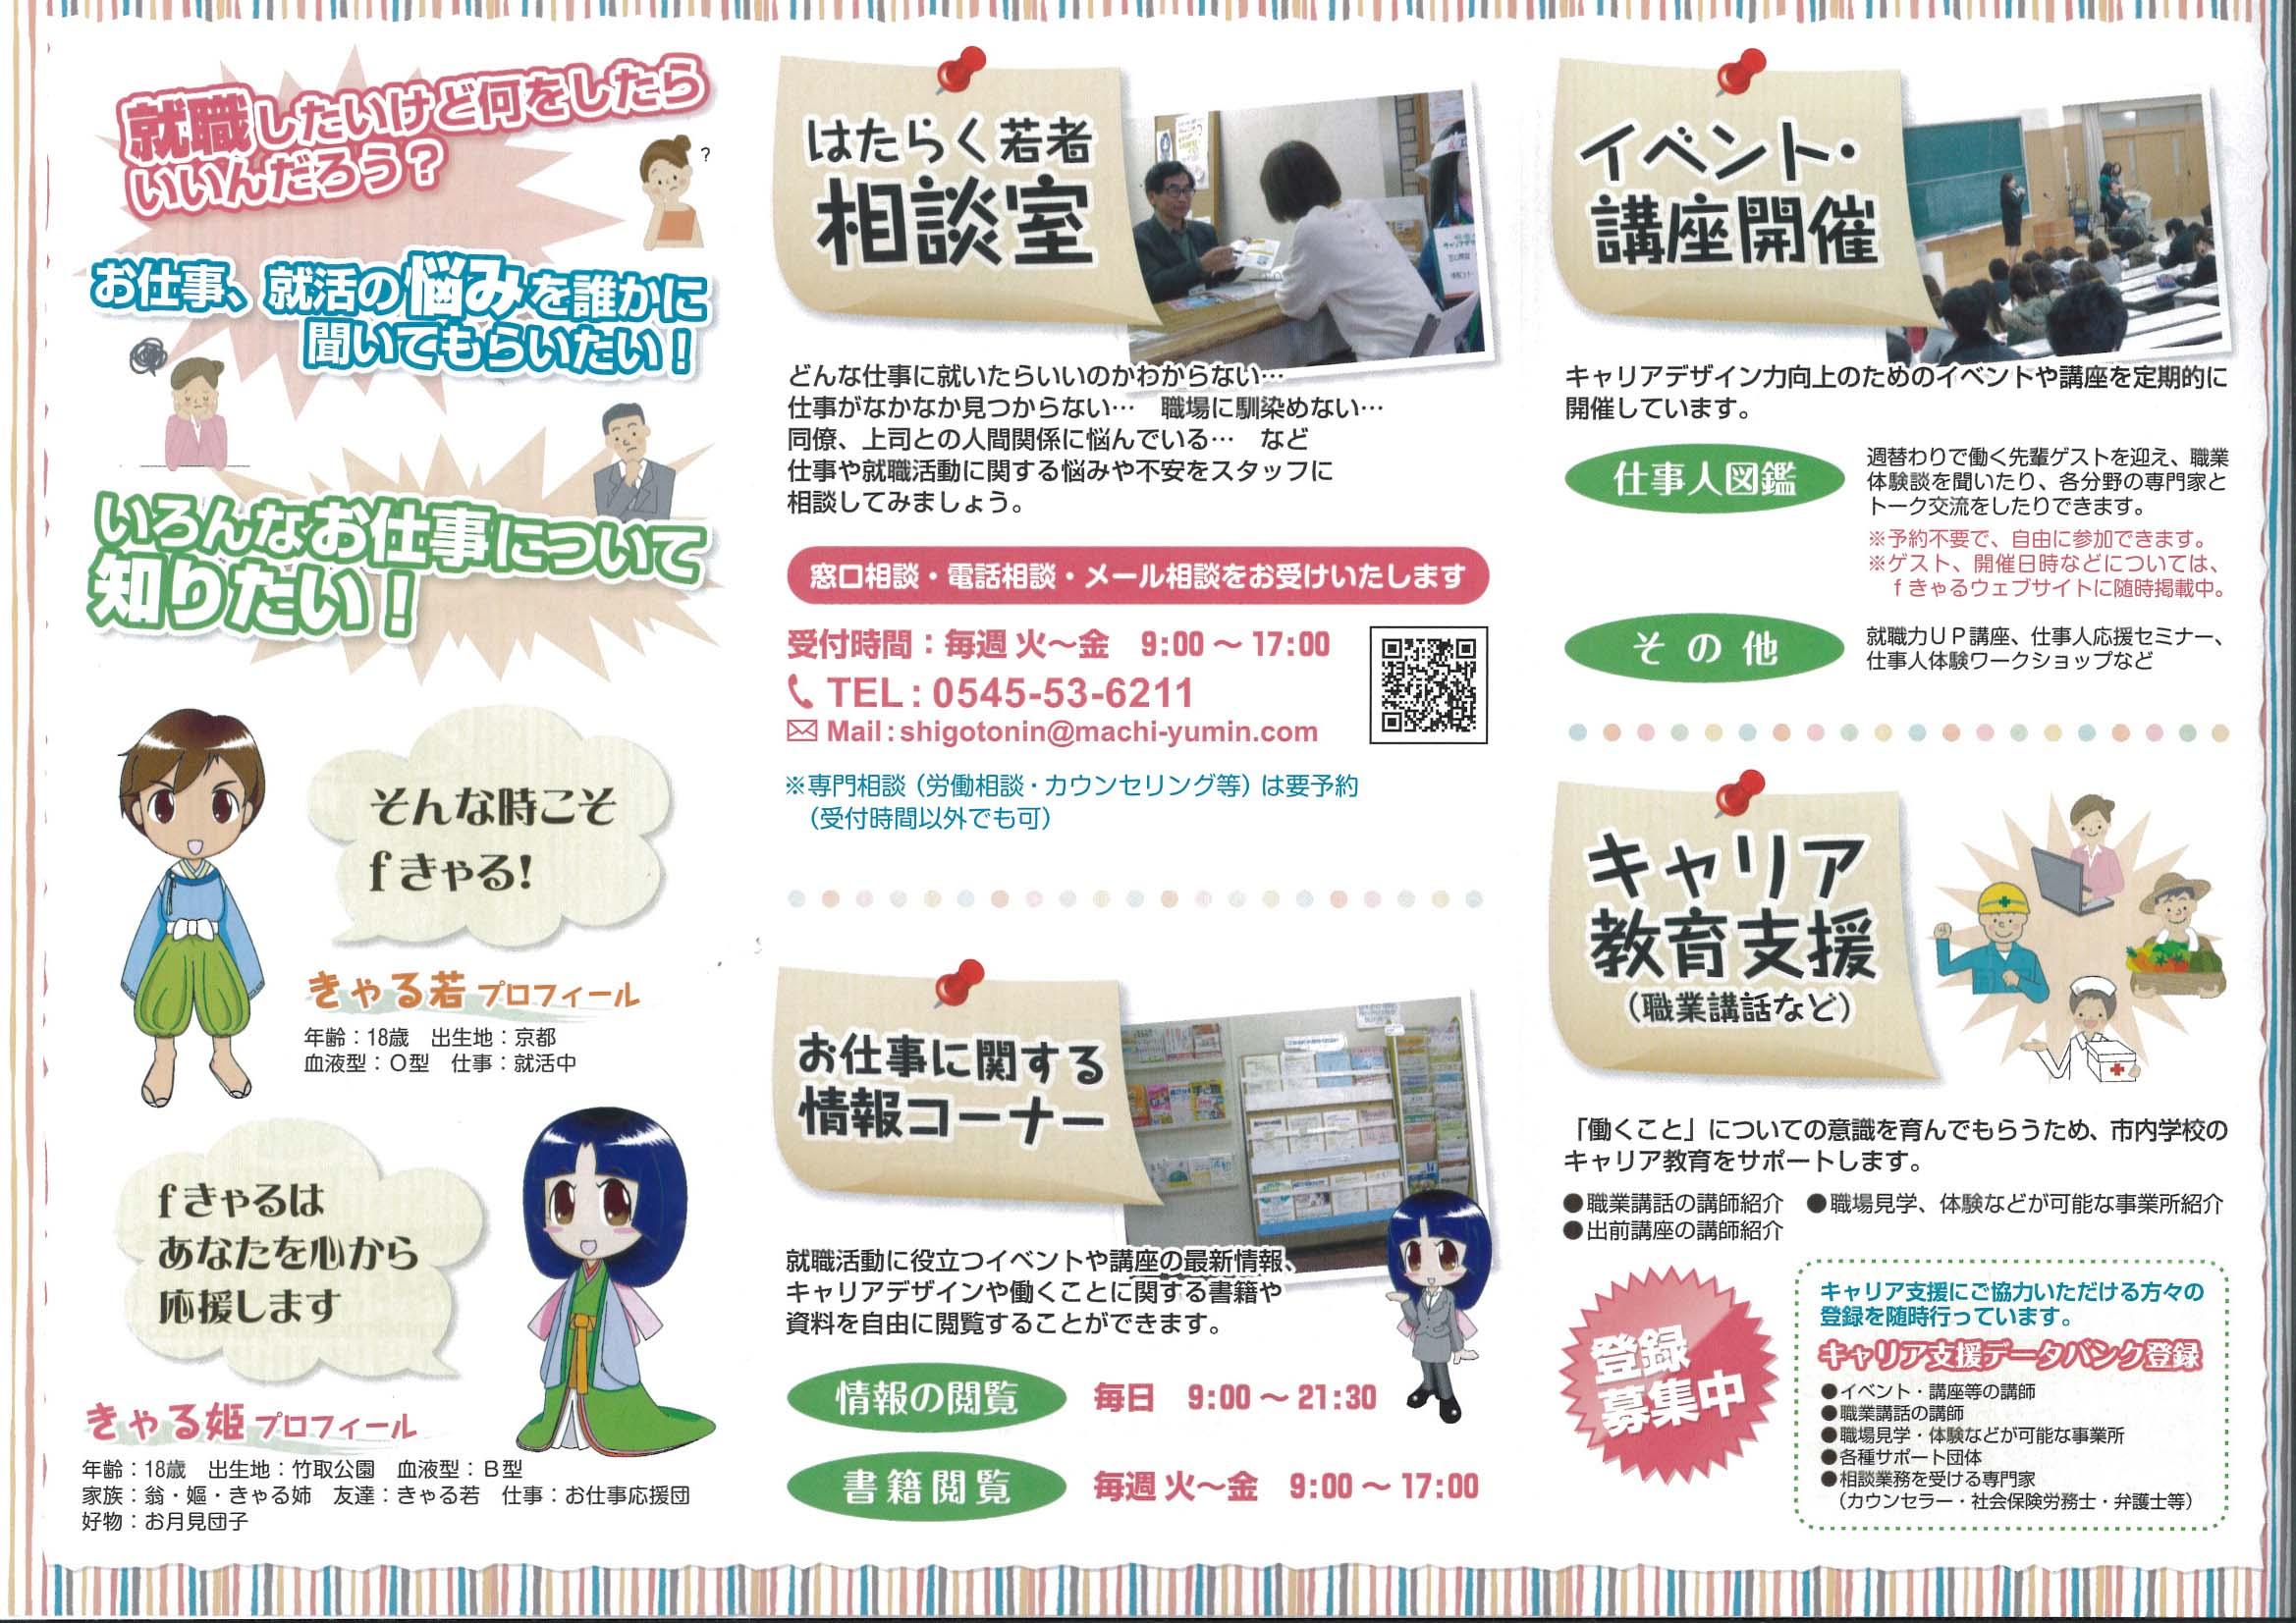 若者のためのキャリアデザイン応援室 fキャル_f0141310_8121927.jpg